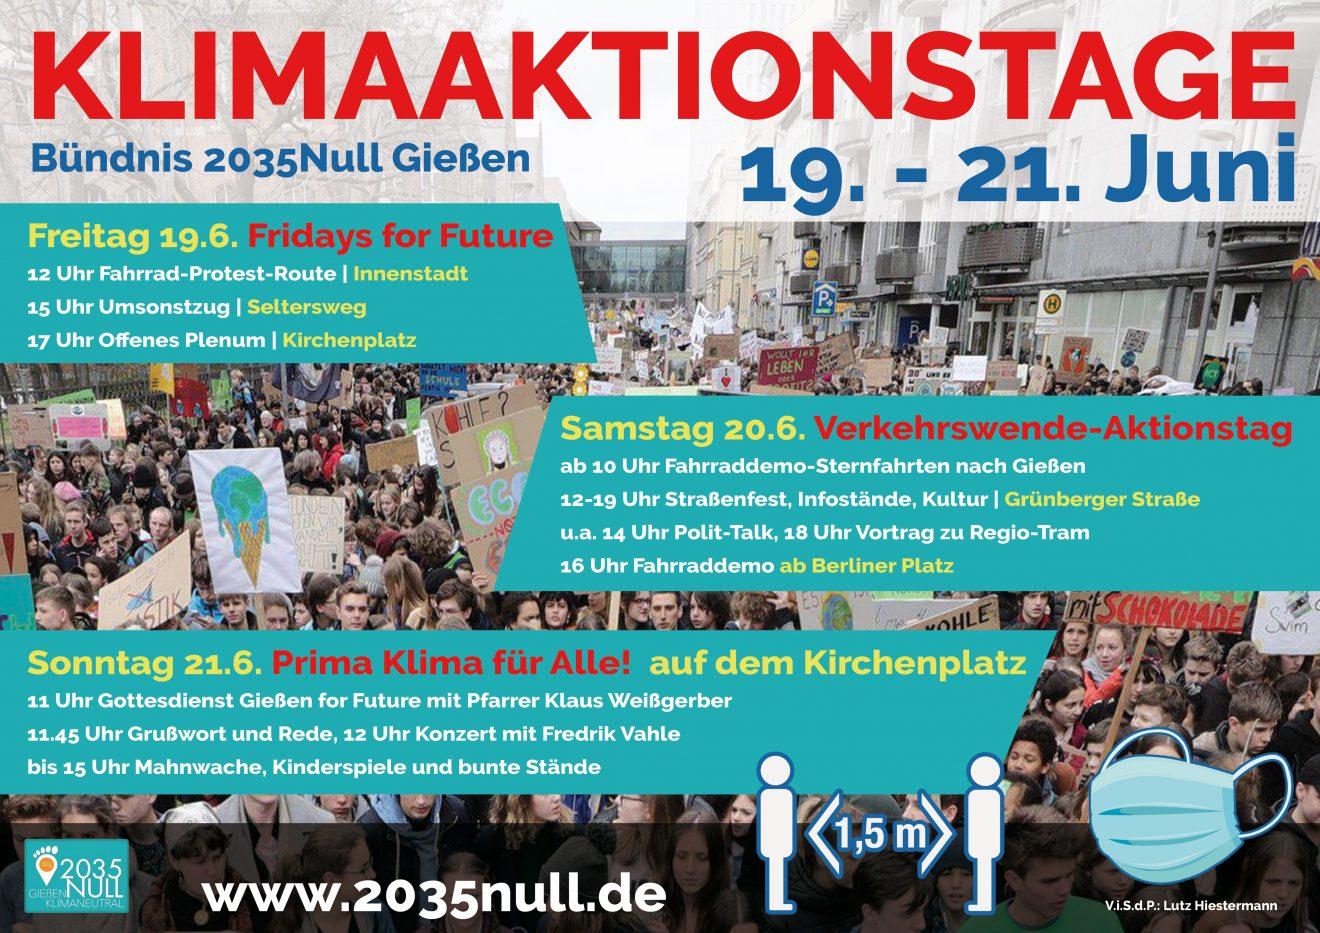 Plakat Klimaaktionstage 19. -21. Juni